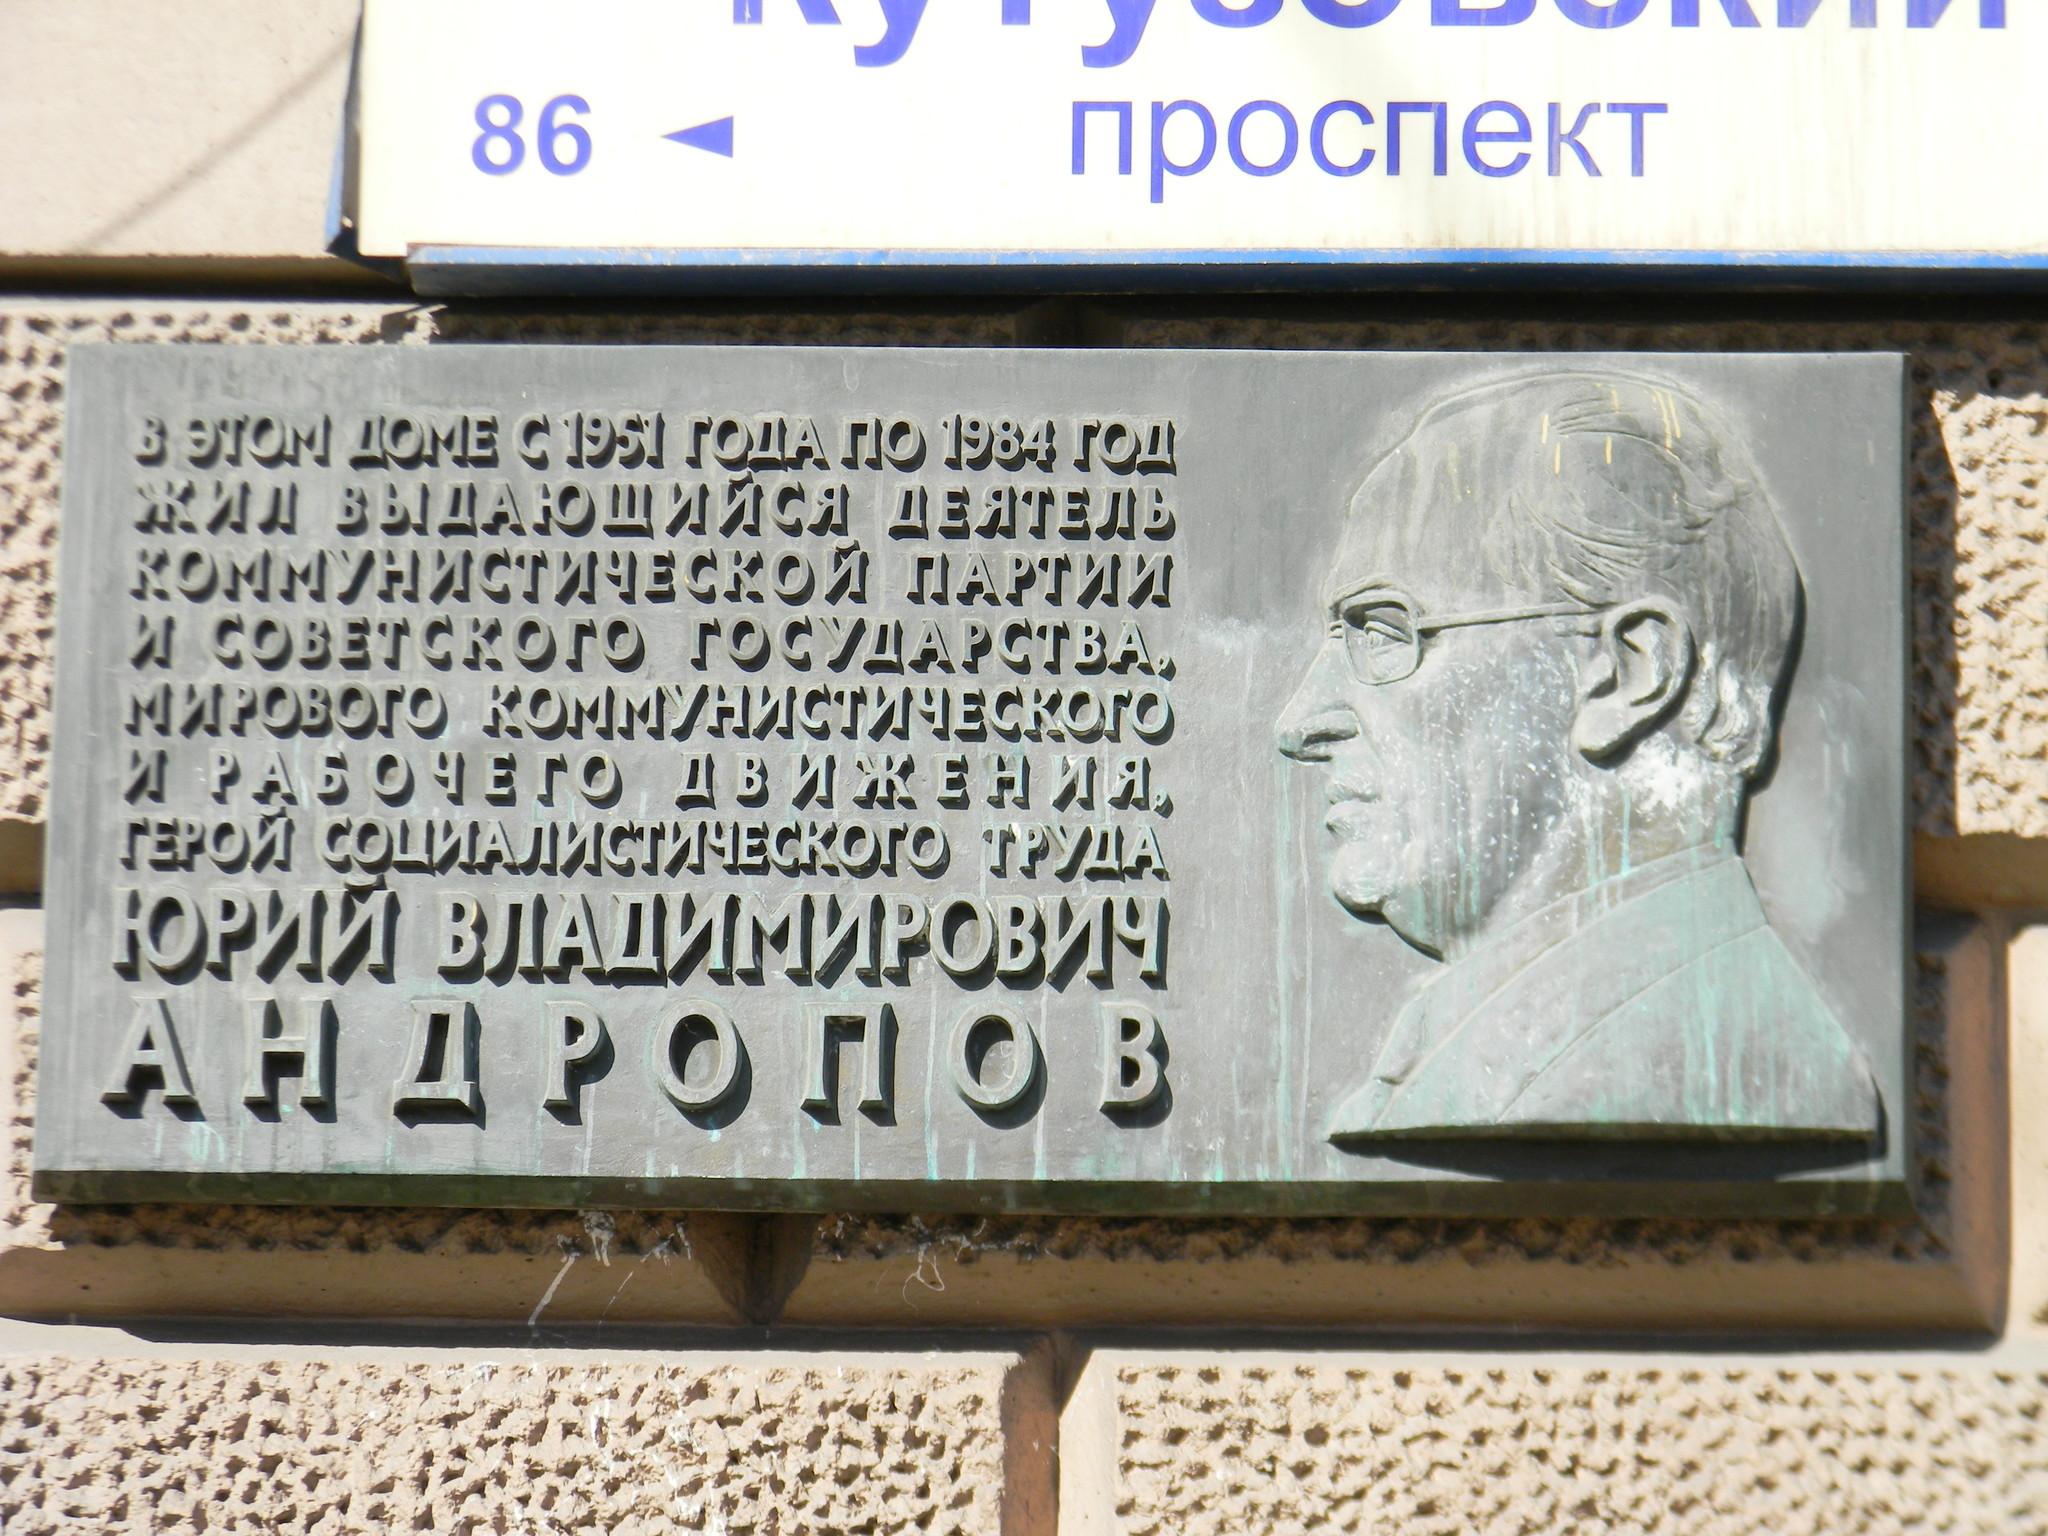 Мемориальная доска на фасаде дома (Кутузовский проспект, дом 26), где с 1951 по 1984 год жил Герой Социалистического Труда Юрий Владимирович Андропов